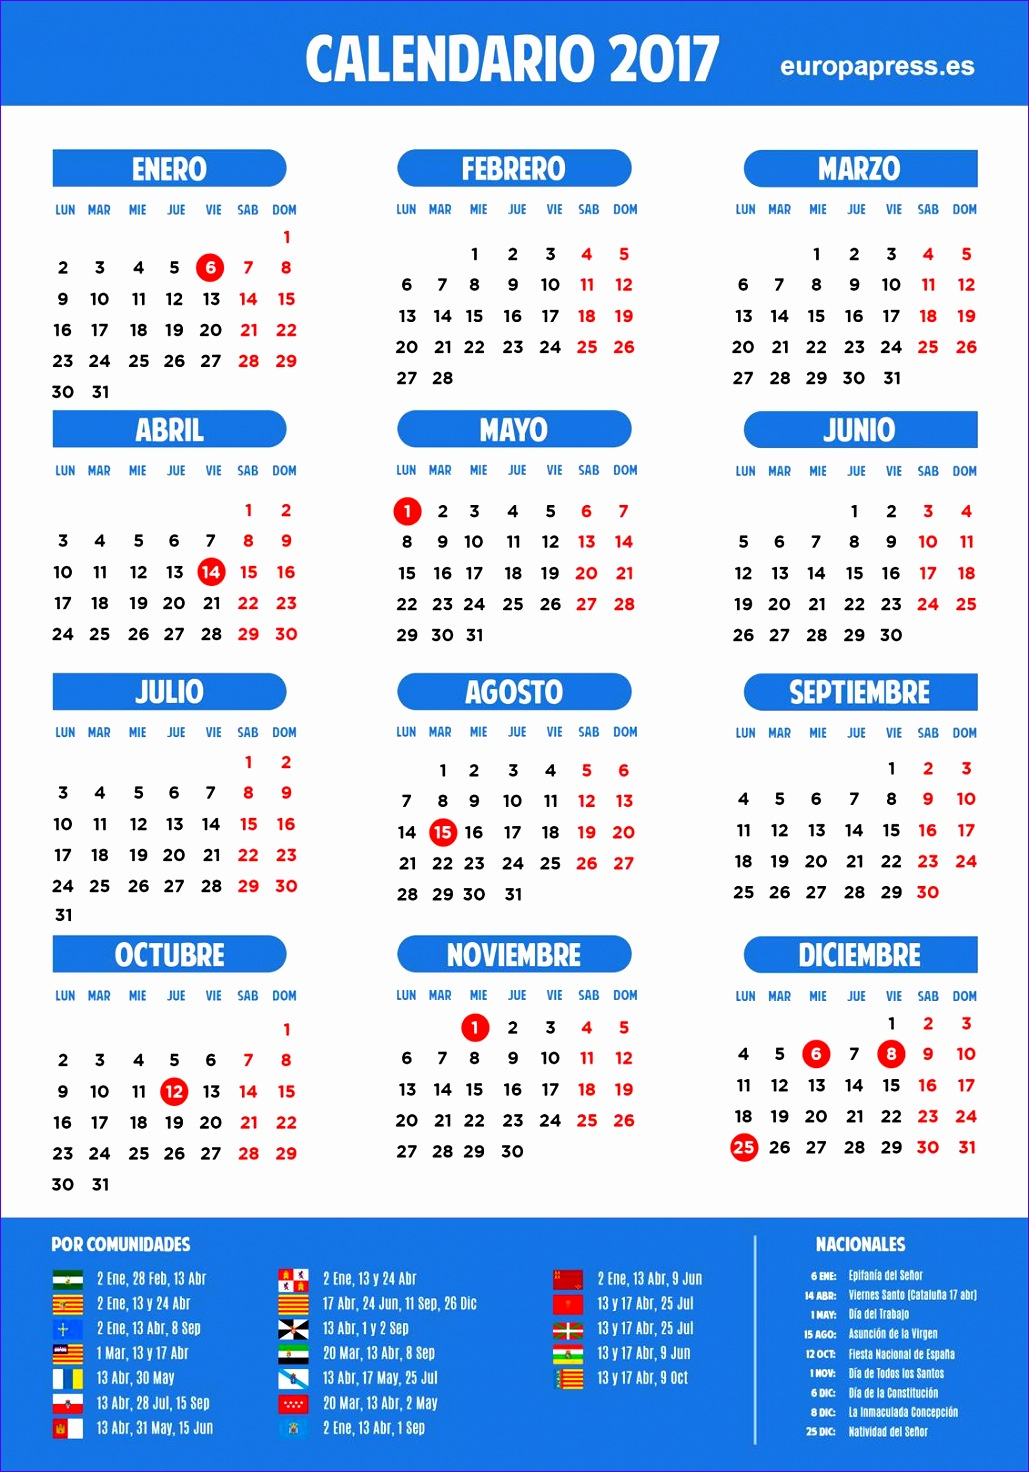 calendario 2017 dias festivos 10291472